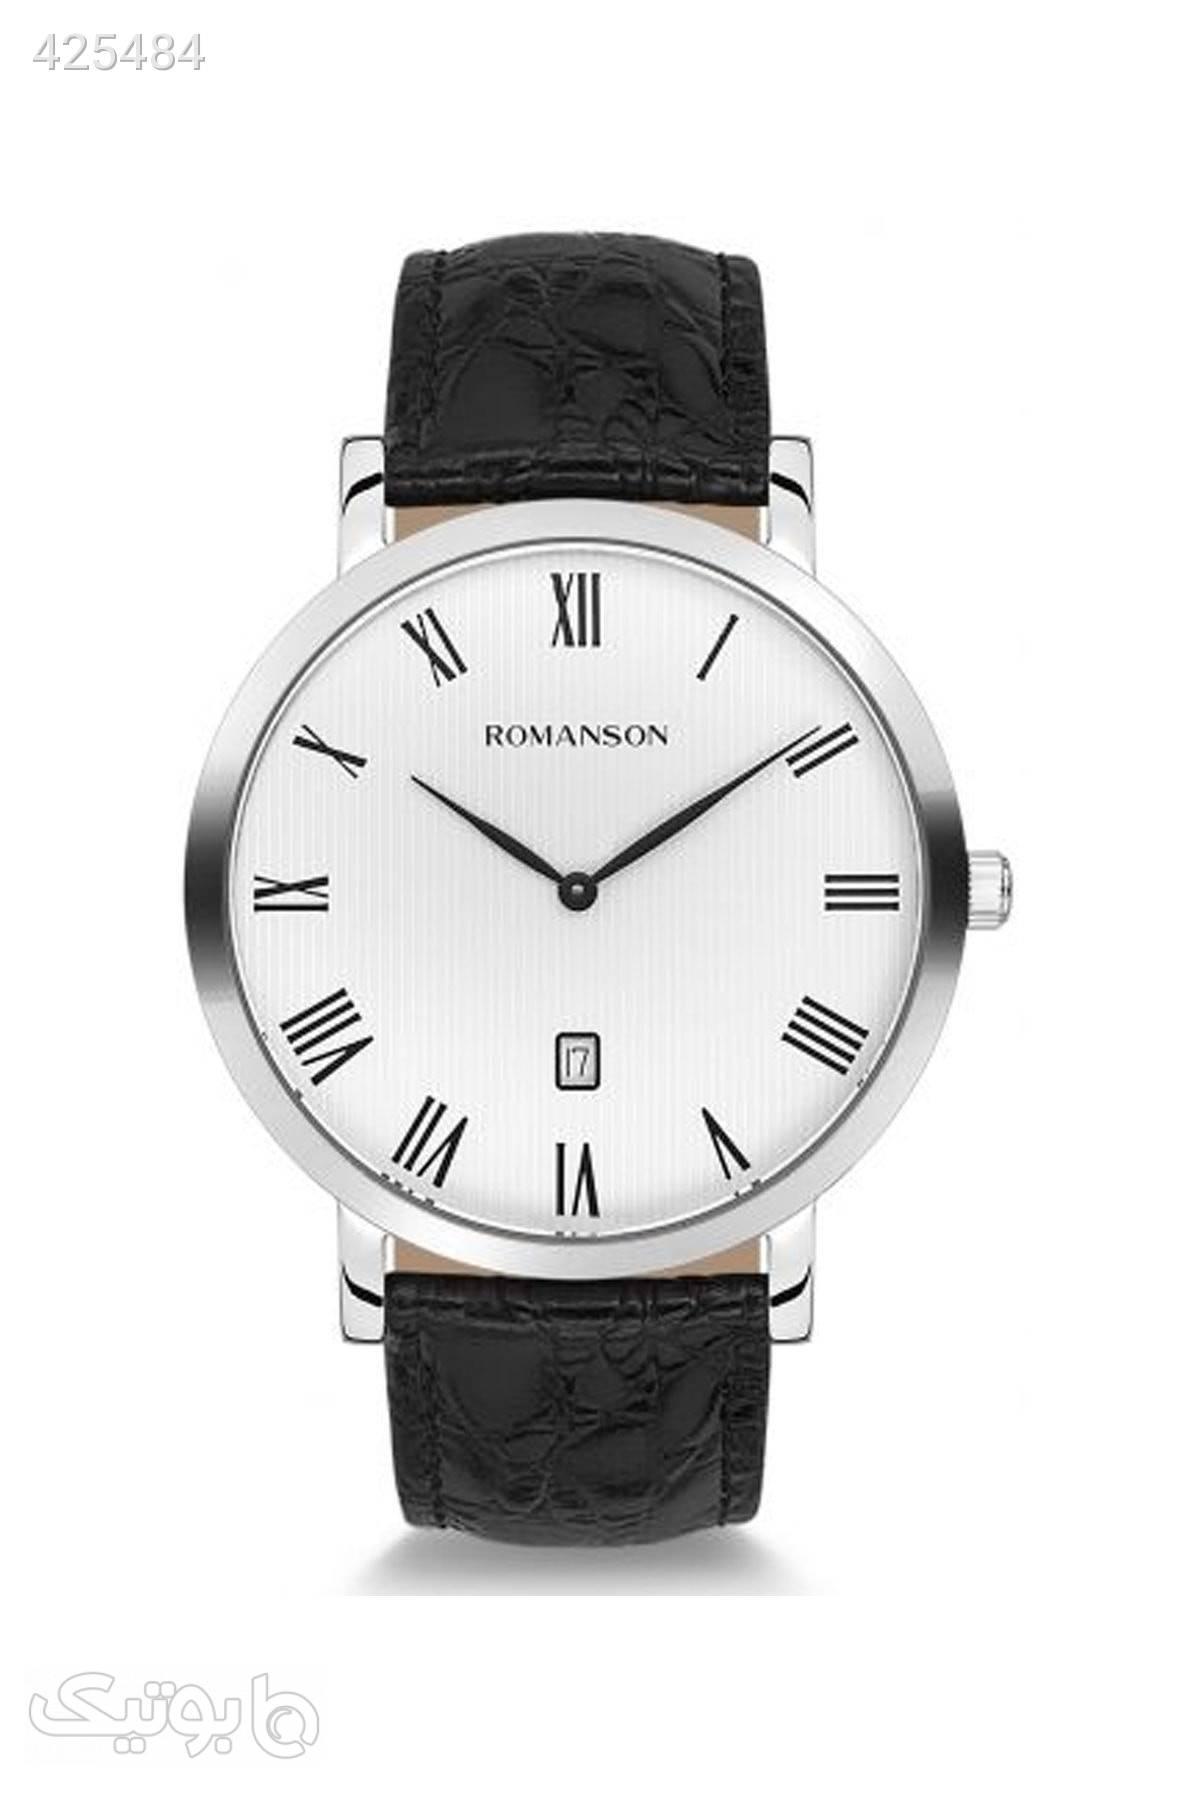 ساعت مردانه برند Romanson کد 1585633286 سفید ساعت